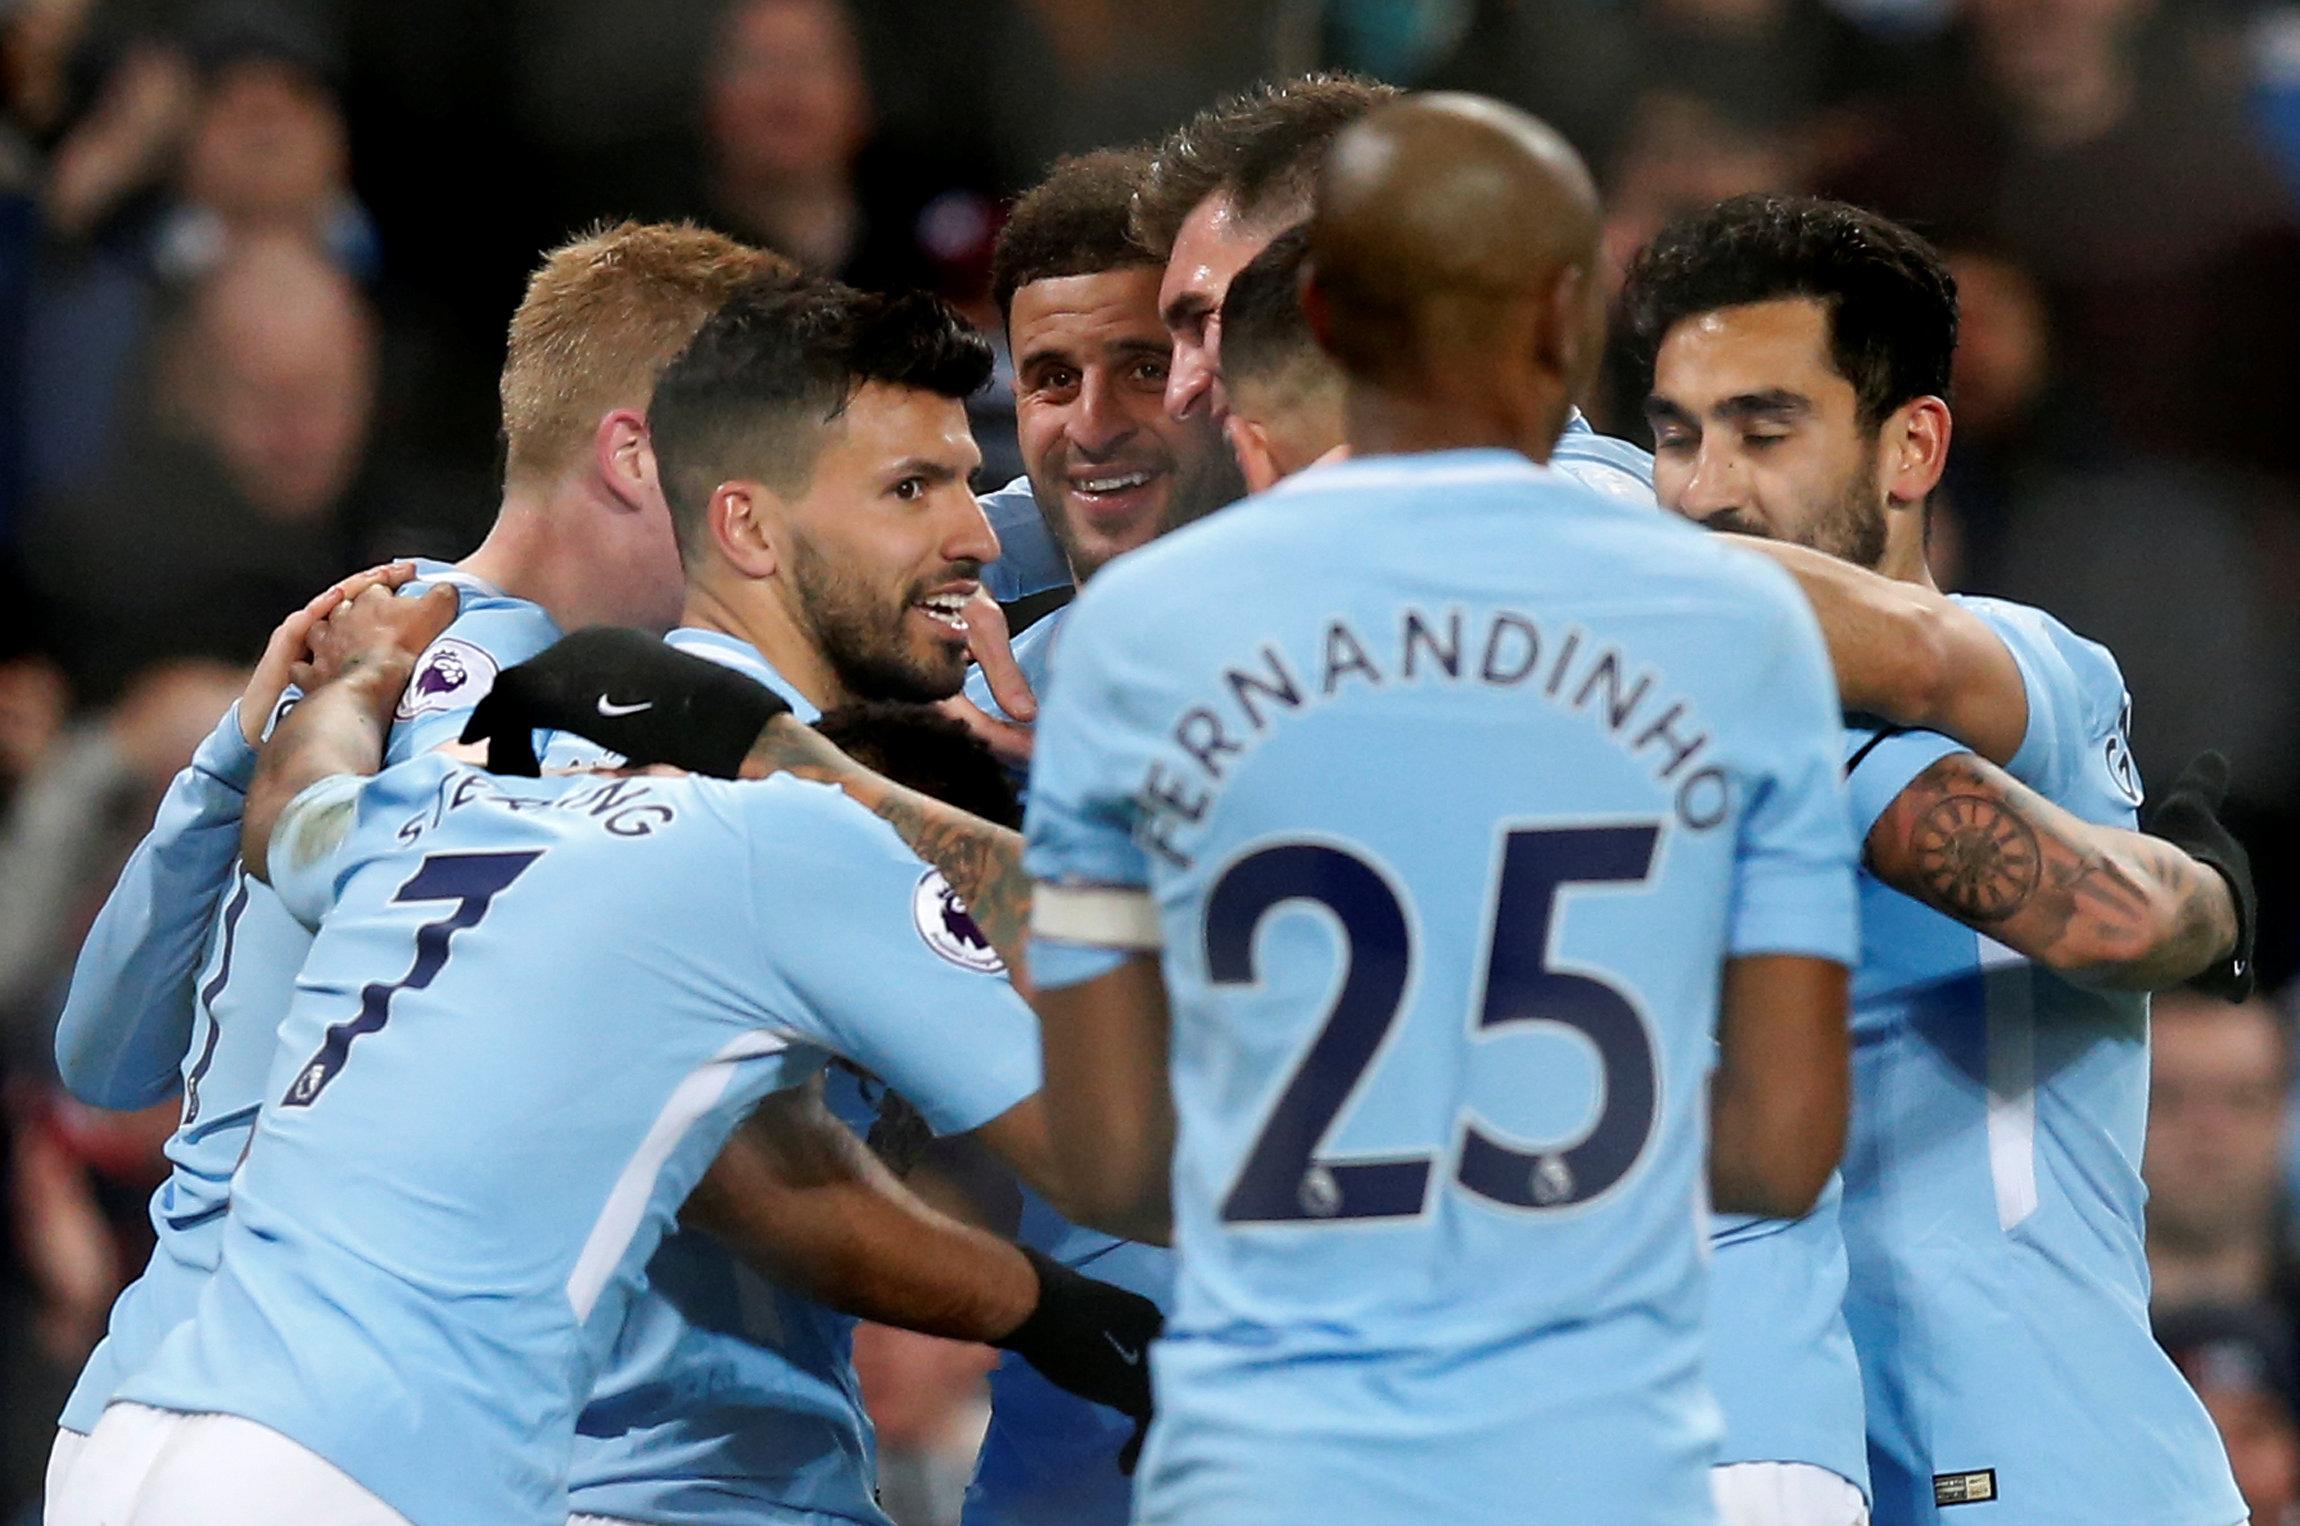 Niềm vui của các cầu thủ M.C sau khi ghi bàn vào lưới Leicester. Ảnh: REUTERS